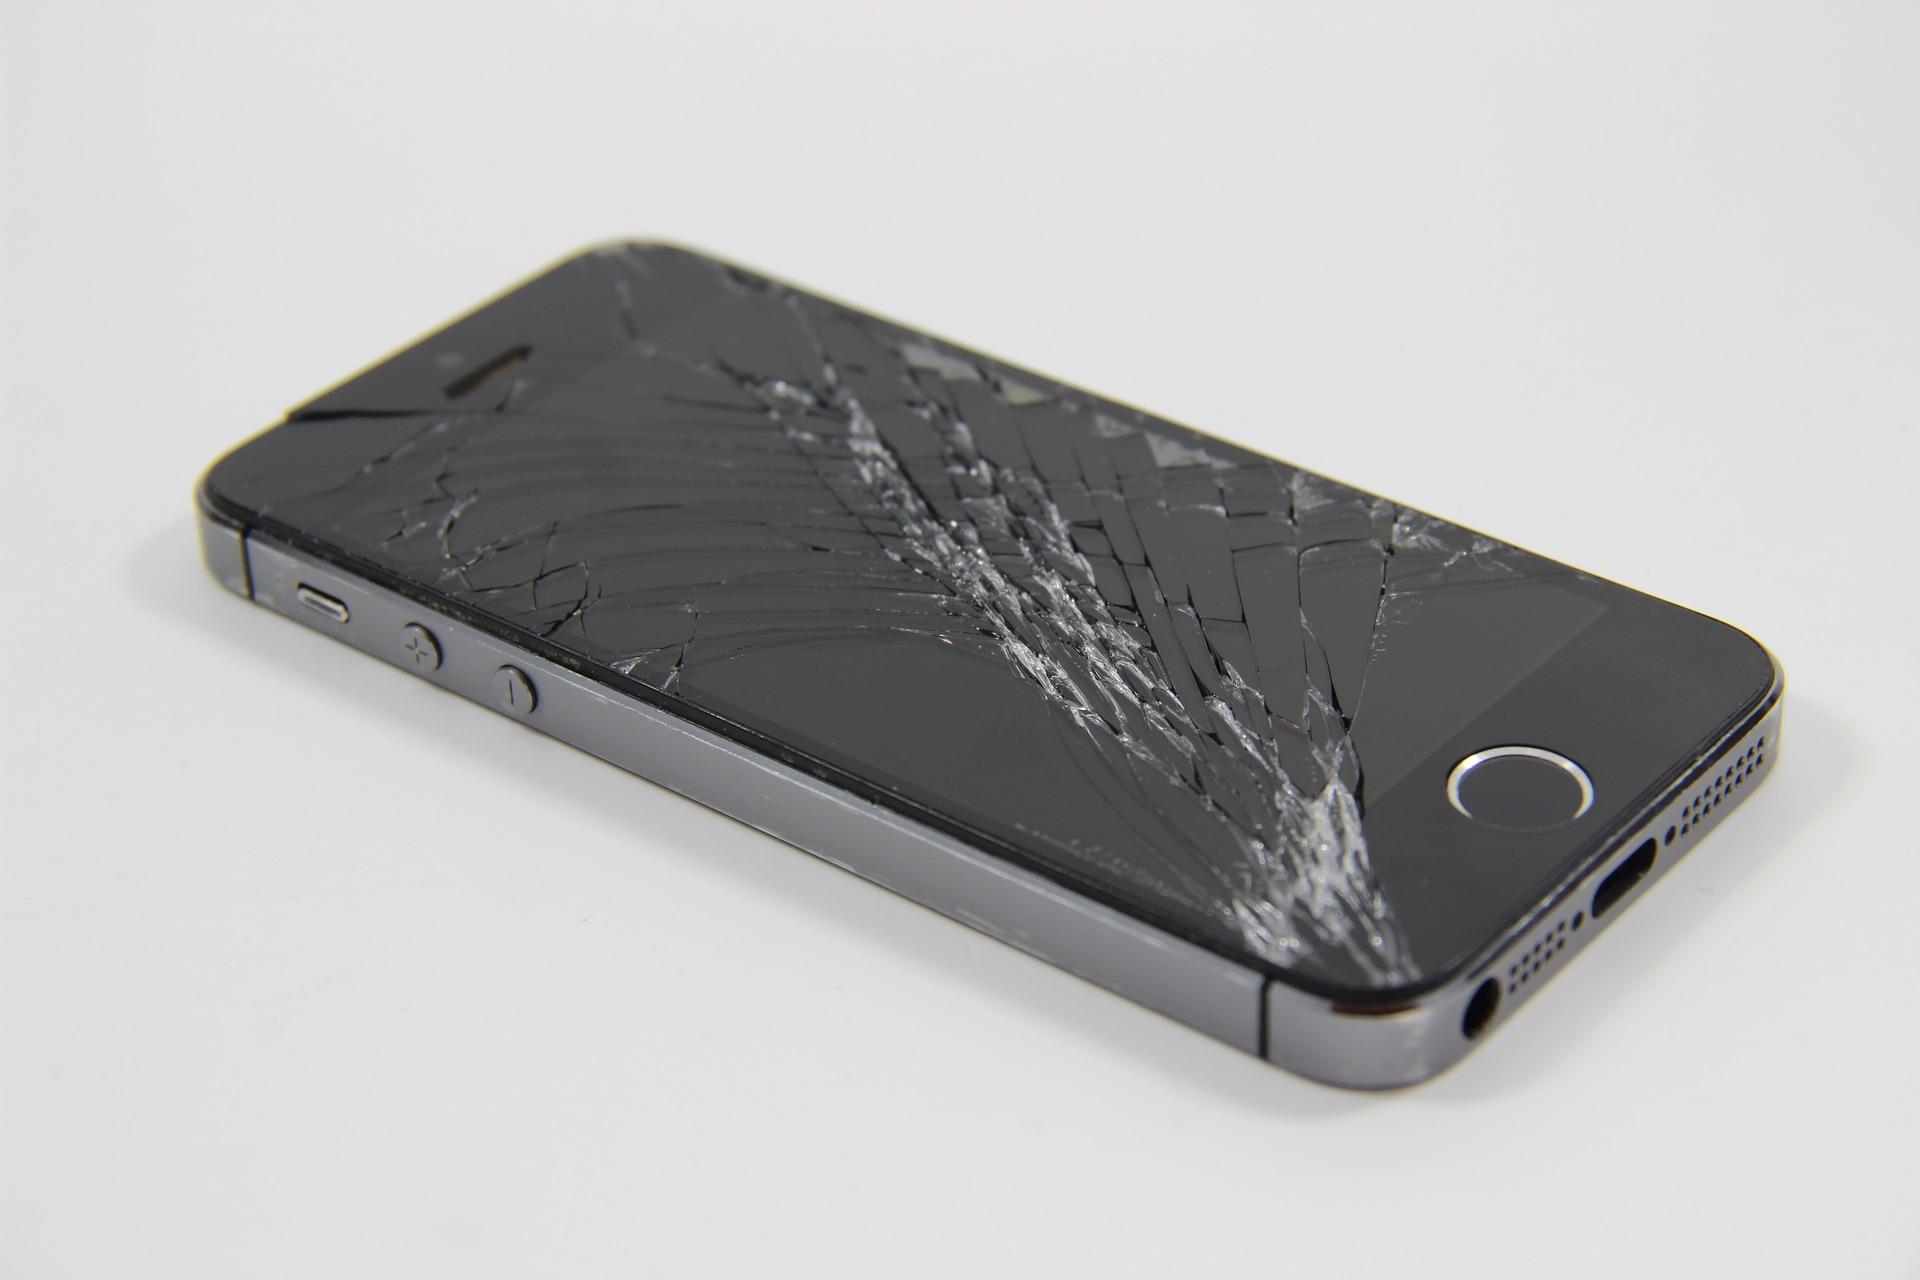 Comment savoir si le rachat d'ecran cassé de mon iphone est possible?